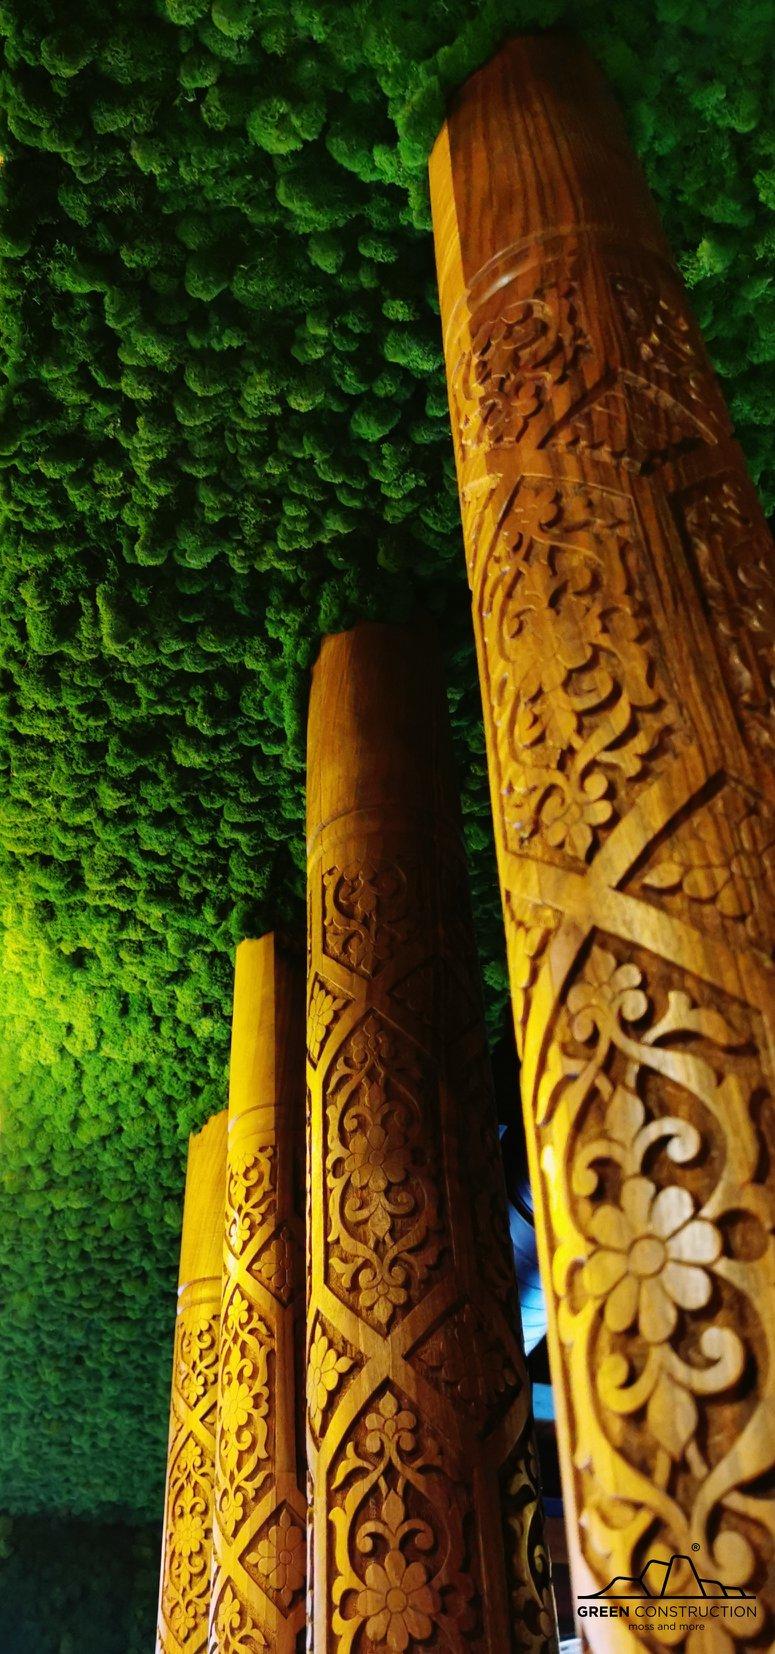 գրին քանսթրաքշն ինտերիերի դիզայն կանաչապատում